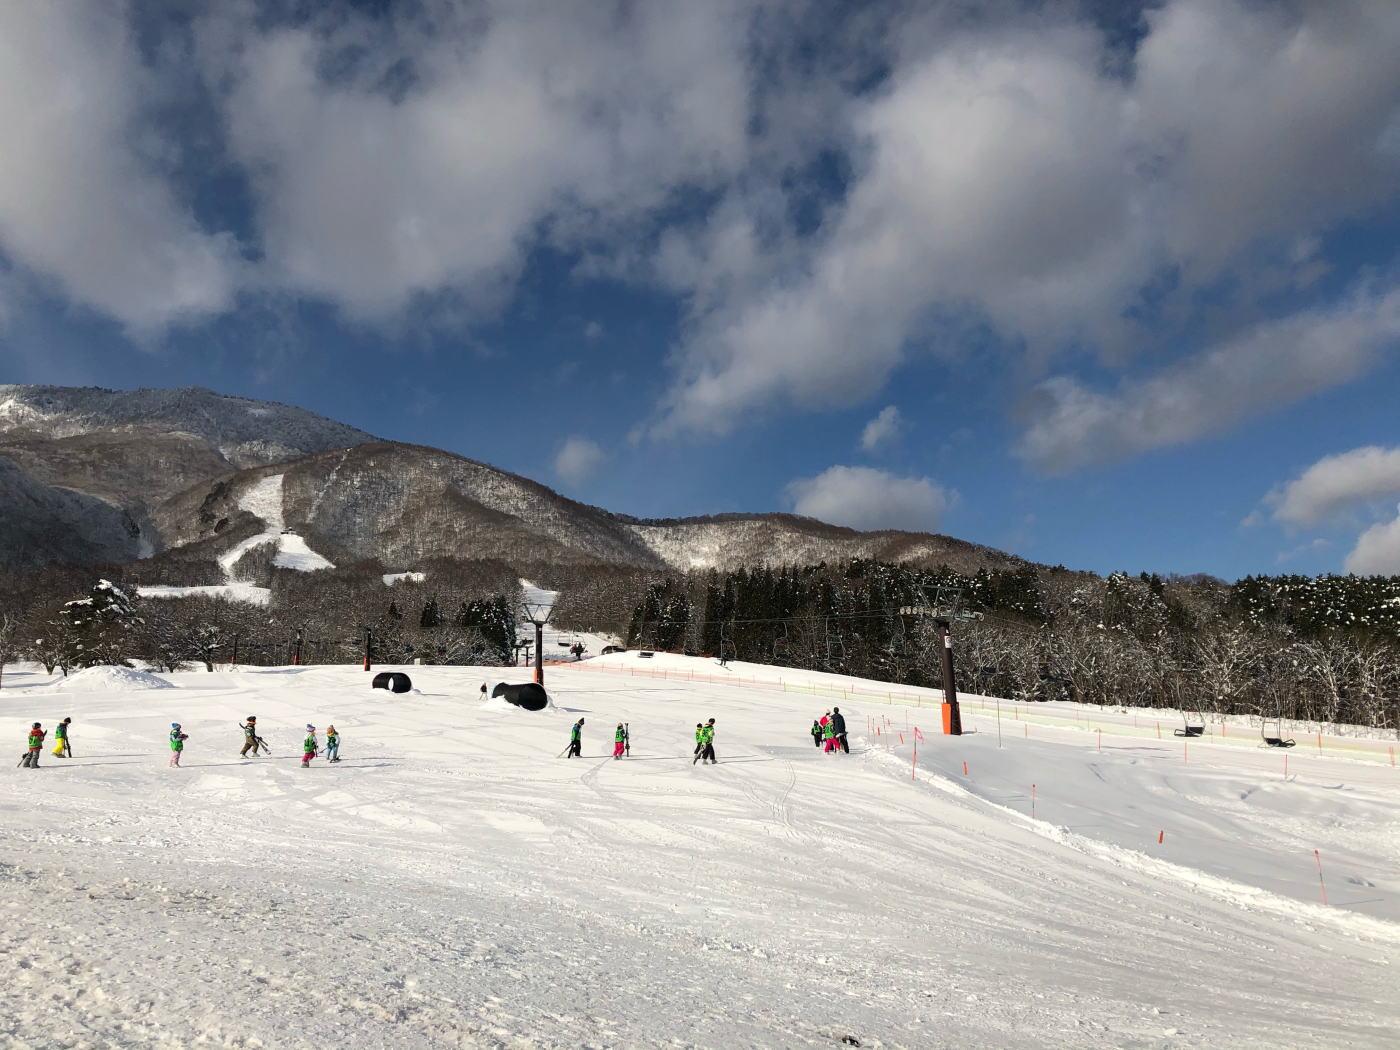 ふかふかさらっさらの親雪を親子で楽しめる長野県のスキー場!黒姫スノーパークはキッズ・ファミリーに優しいスキー場で有名です